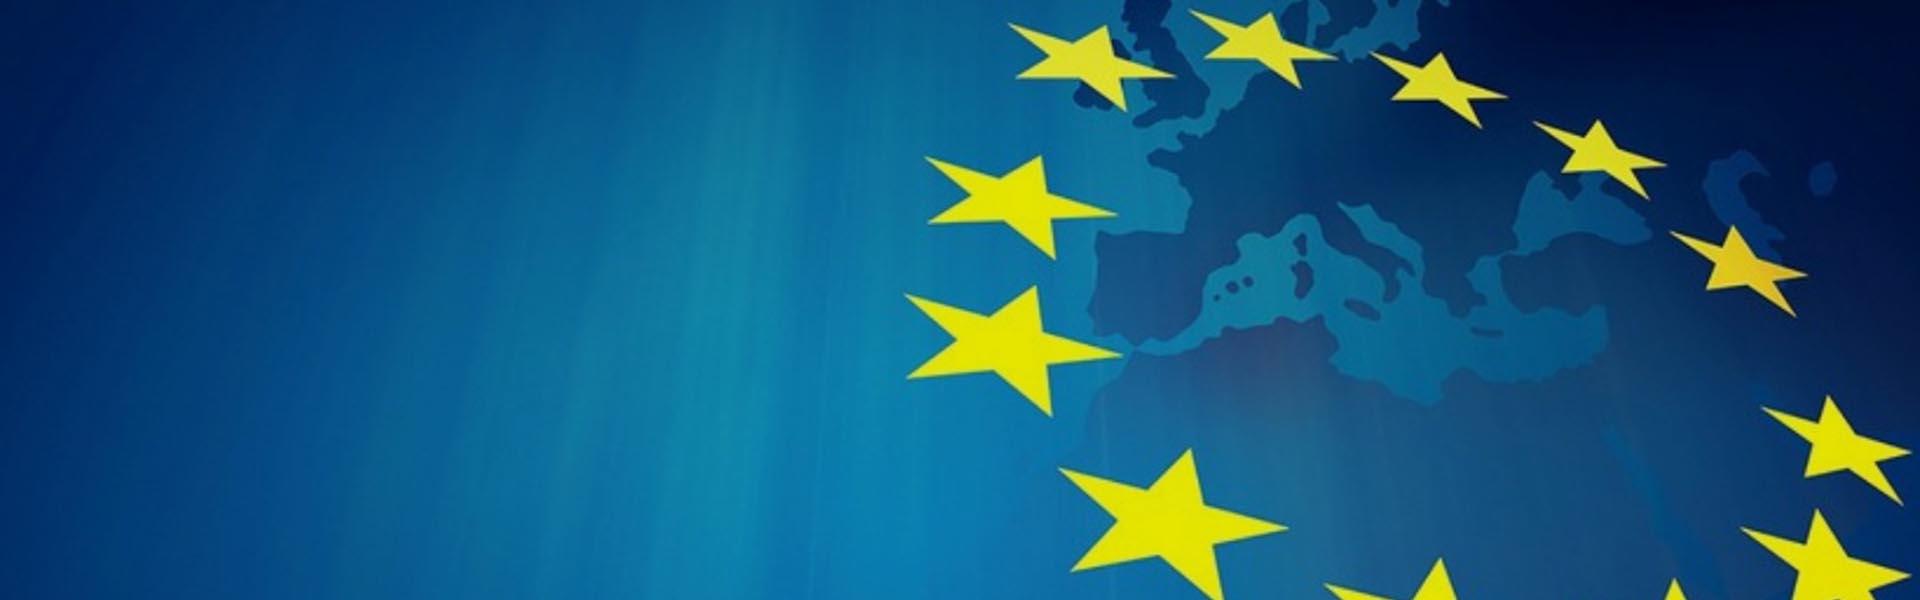 Bandeira da União Europeia dados pessoais